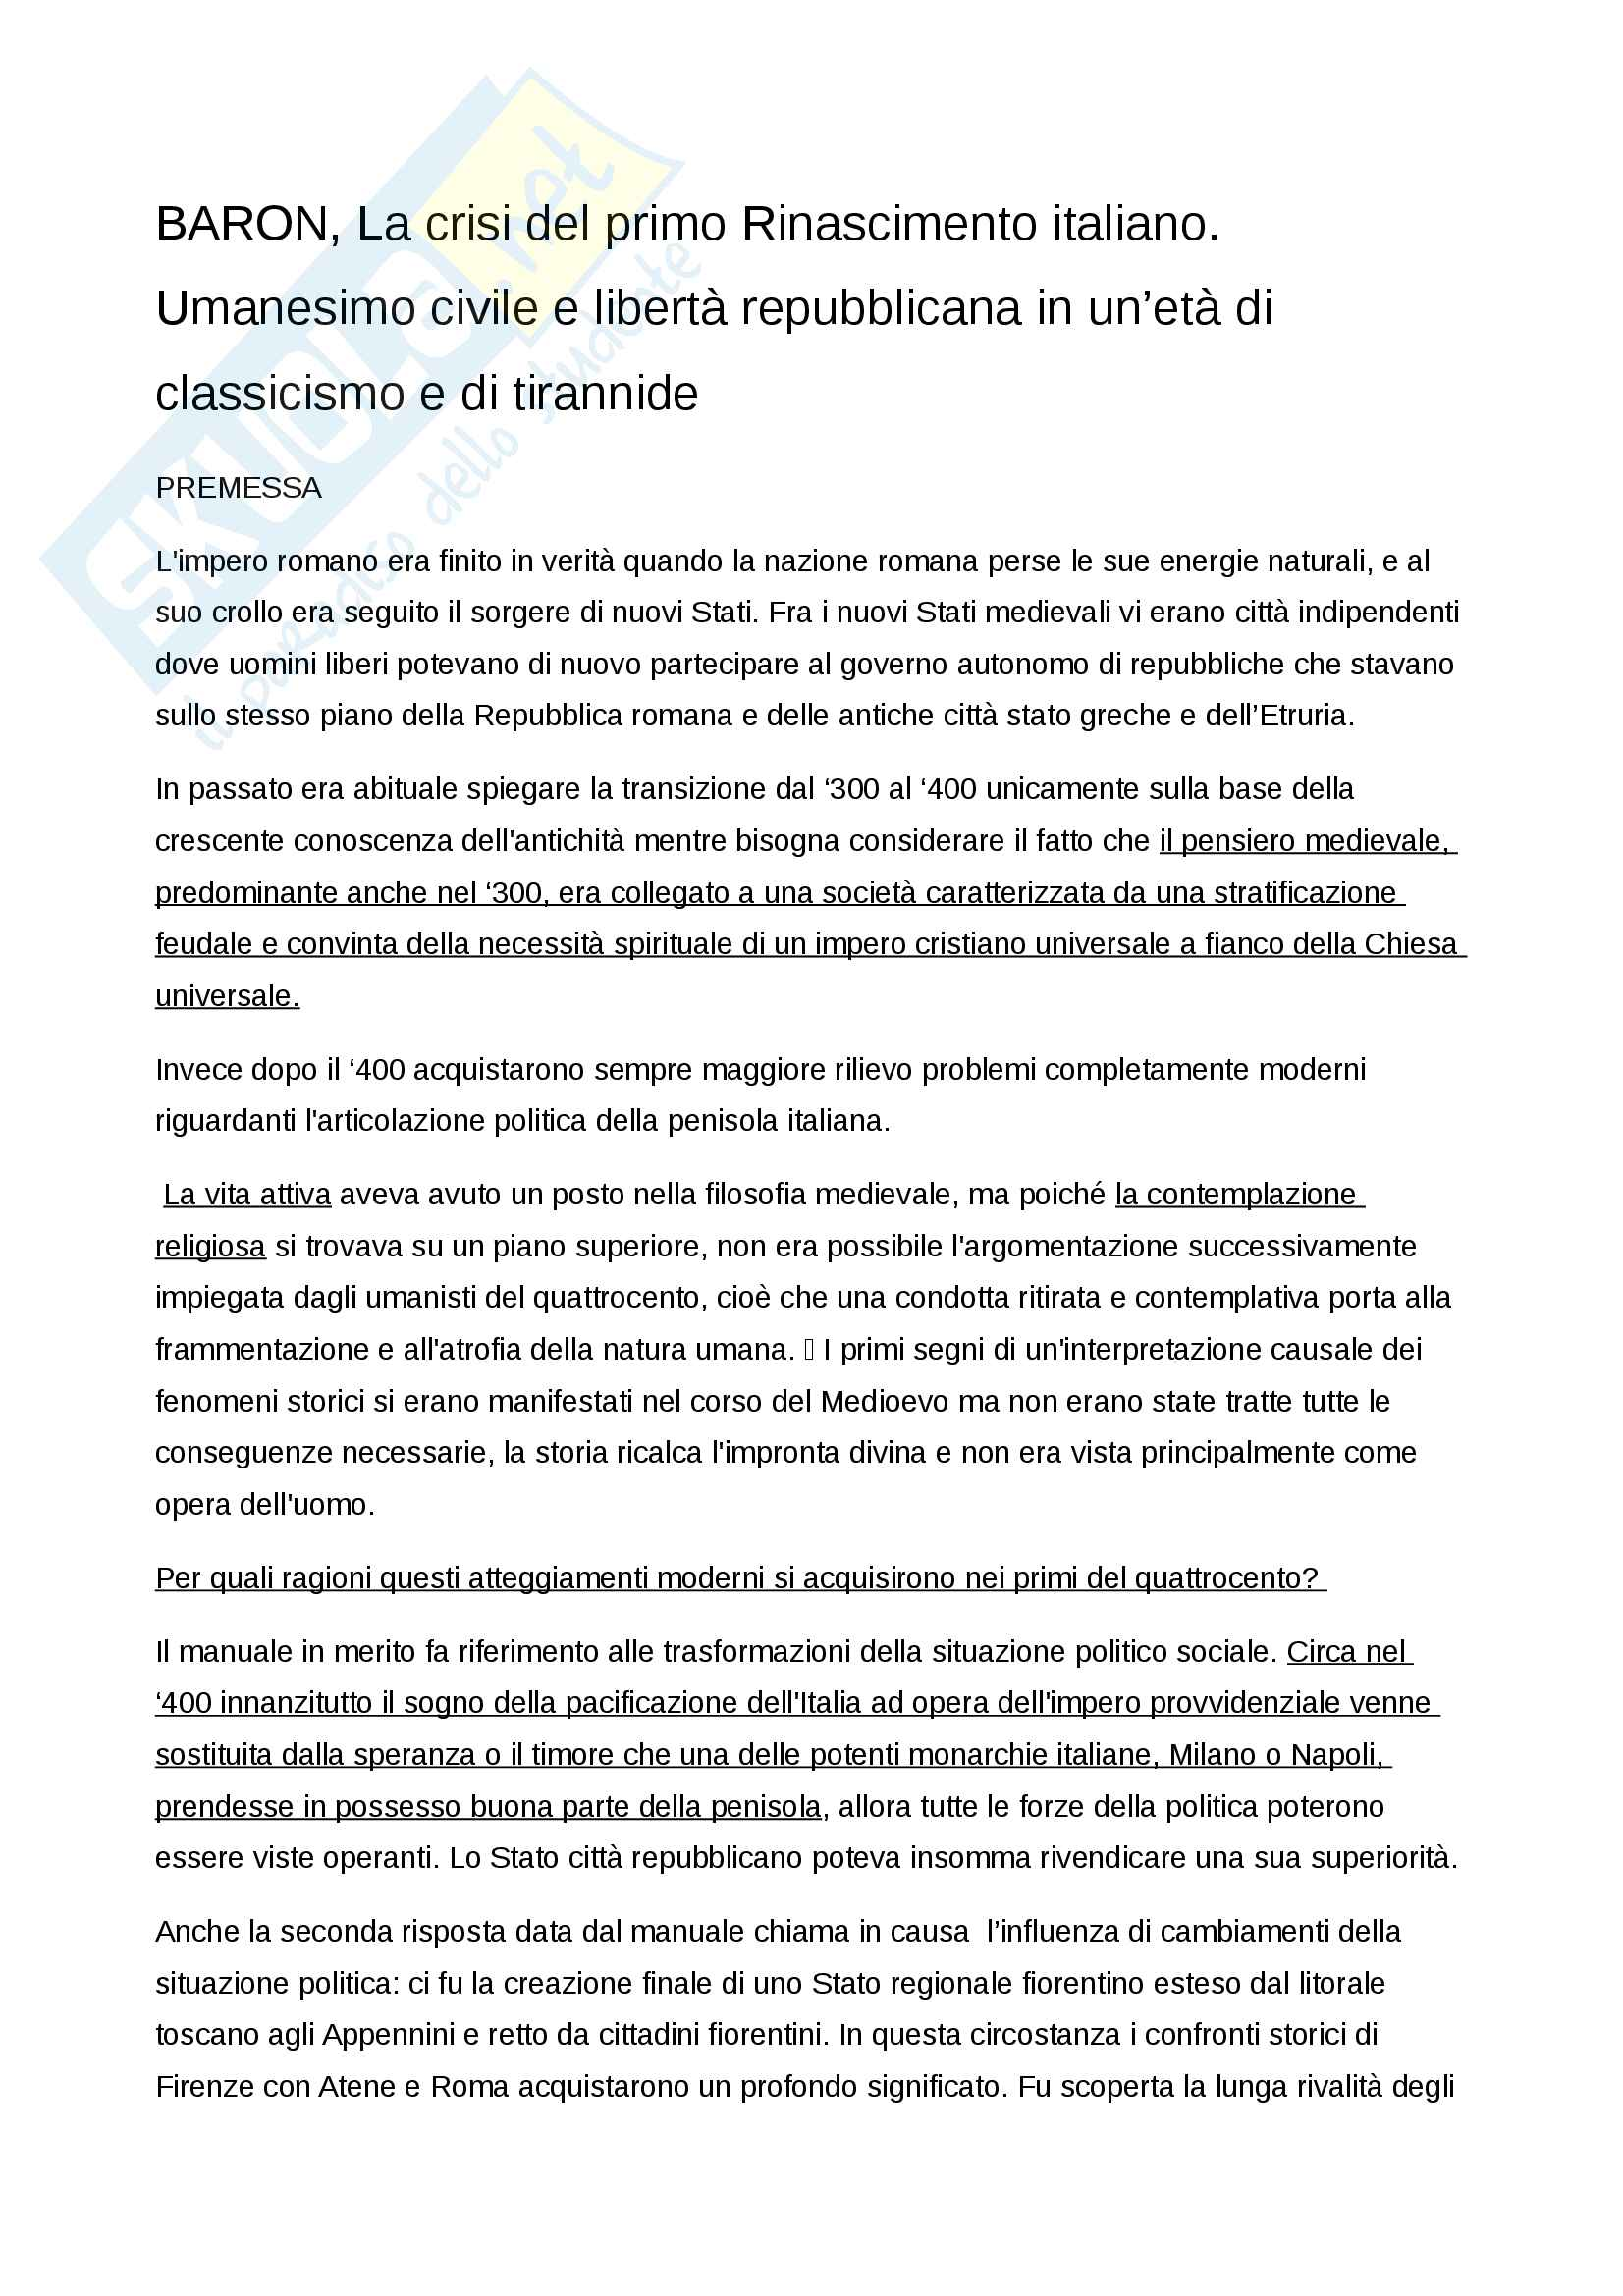 Riassunto esame Letteratura italiana del rinascimento, prof. Venier, libro consigliato Baron, La crisi del primo Rinascimento italiano. Umanesimo civile e libertà repubblicana in un'età di classicismo e di tirannide